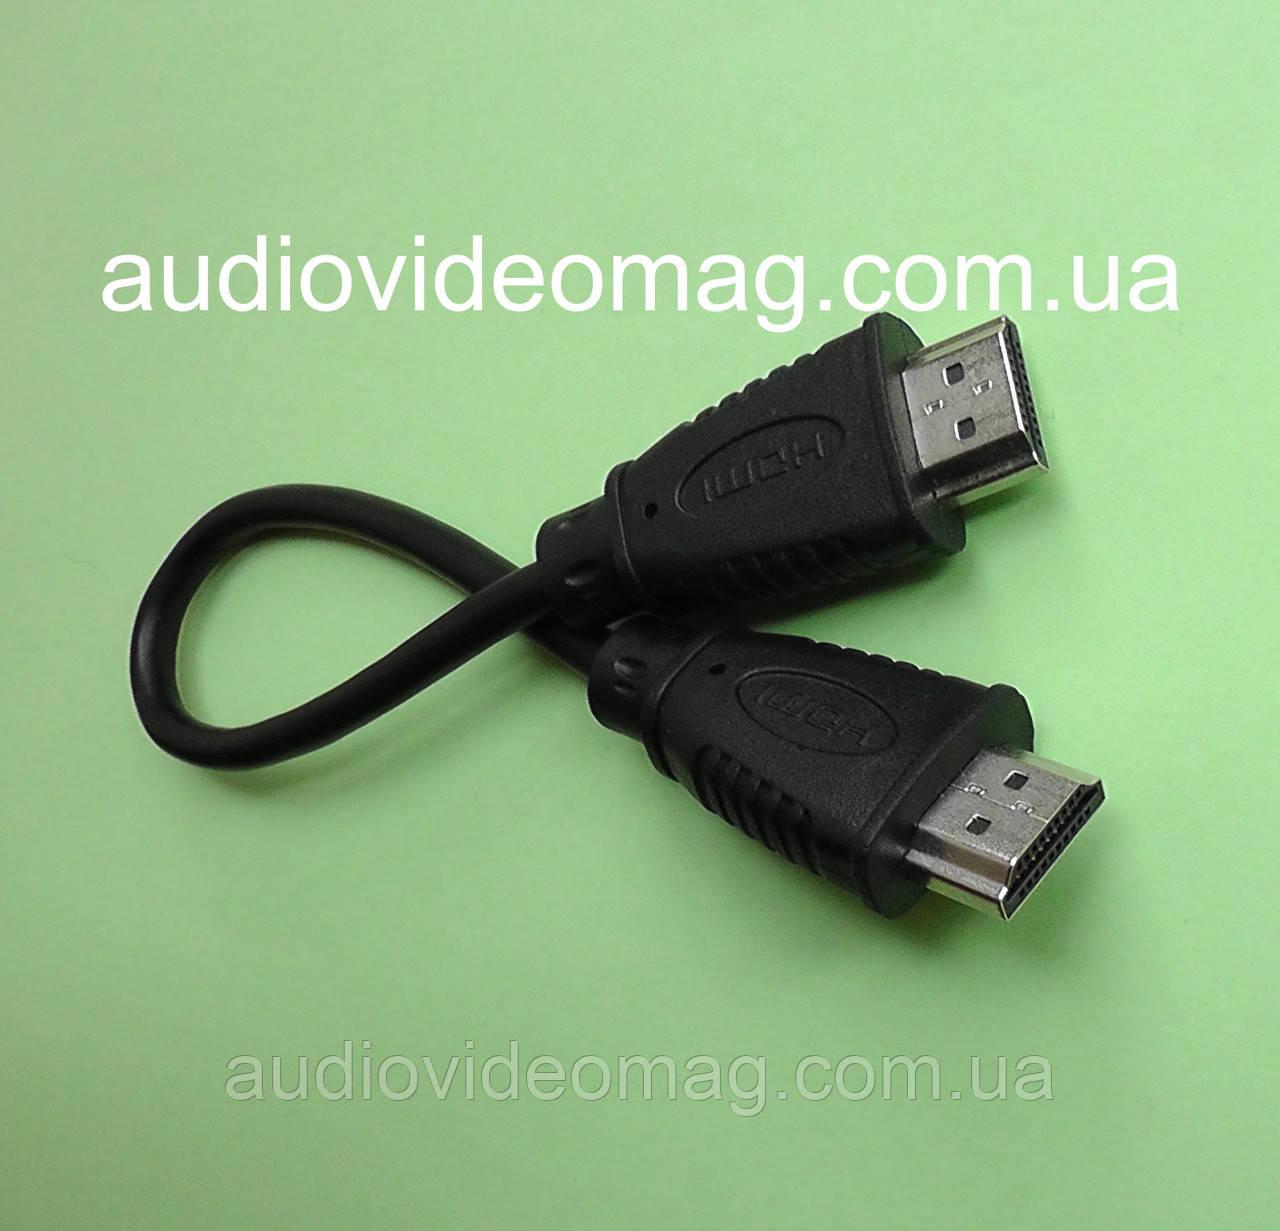 Кабель HDMI - HDMI короткий, длина 0,25 метра